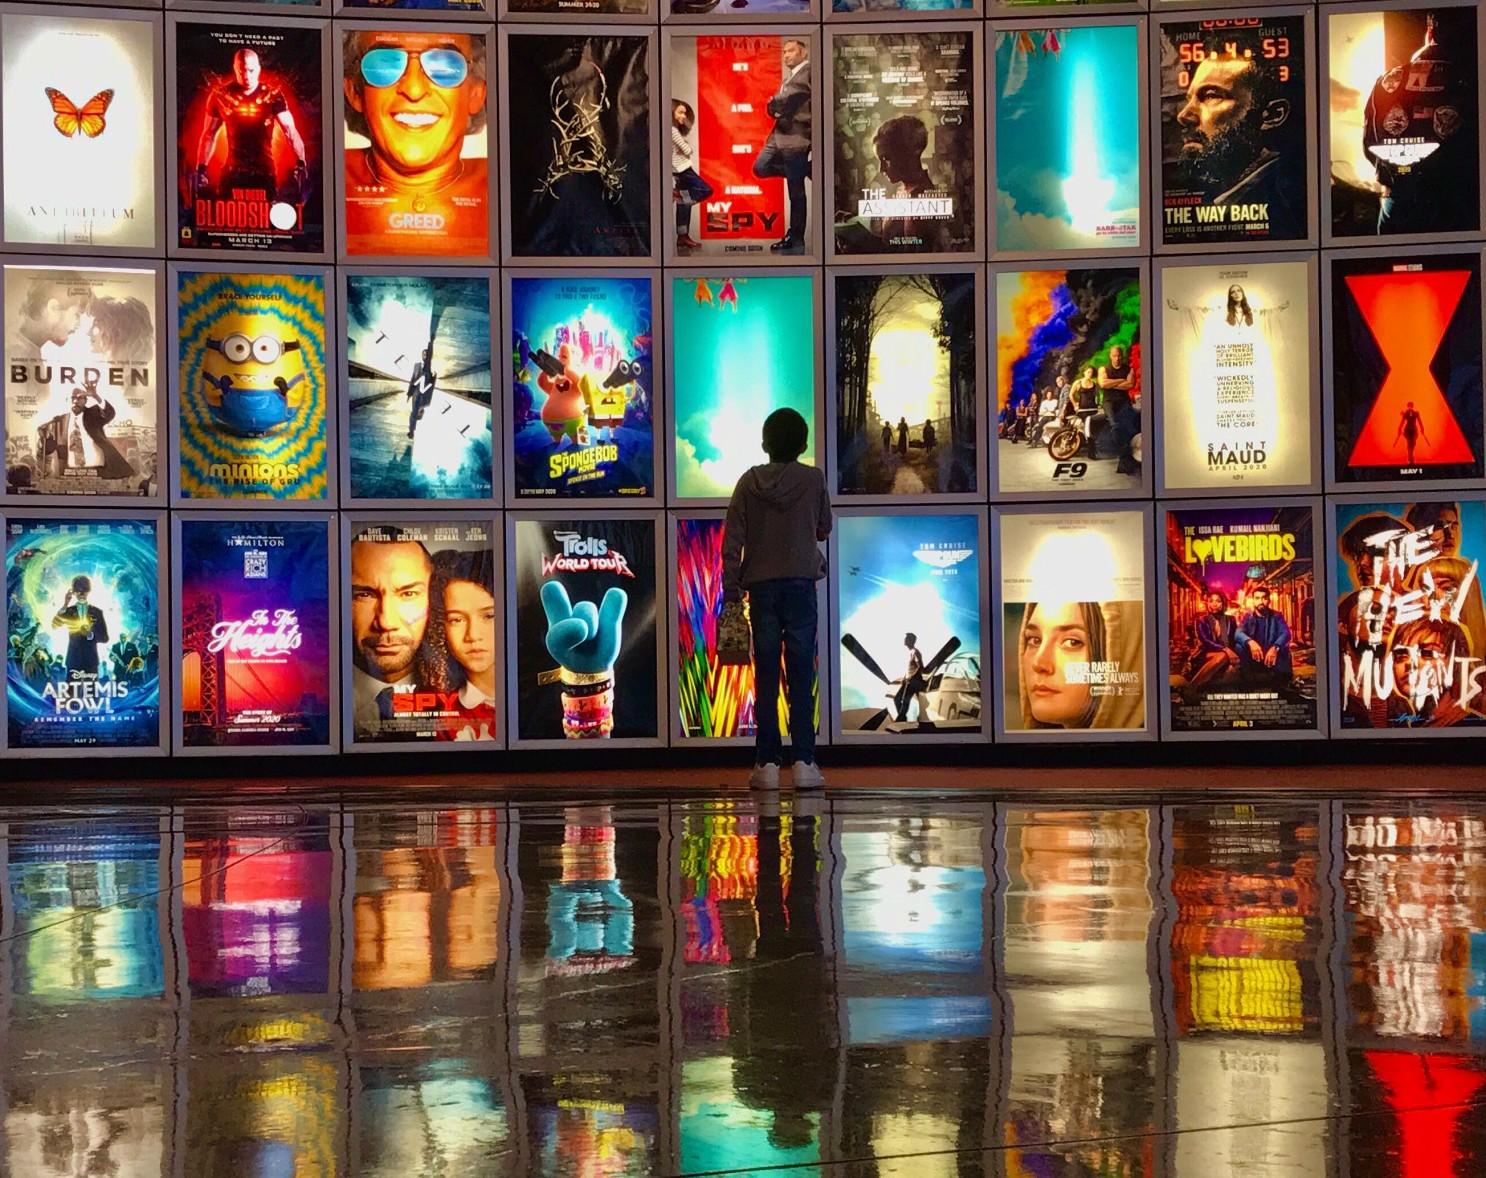 Këshillat e Anxhelës për filmat që mund të shihni gjatë karantinës